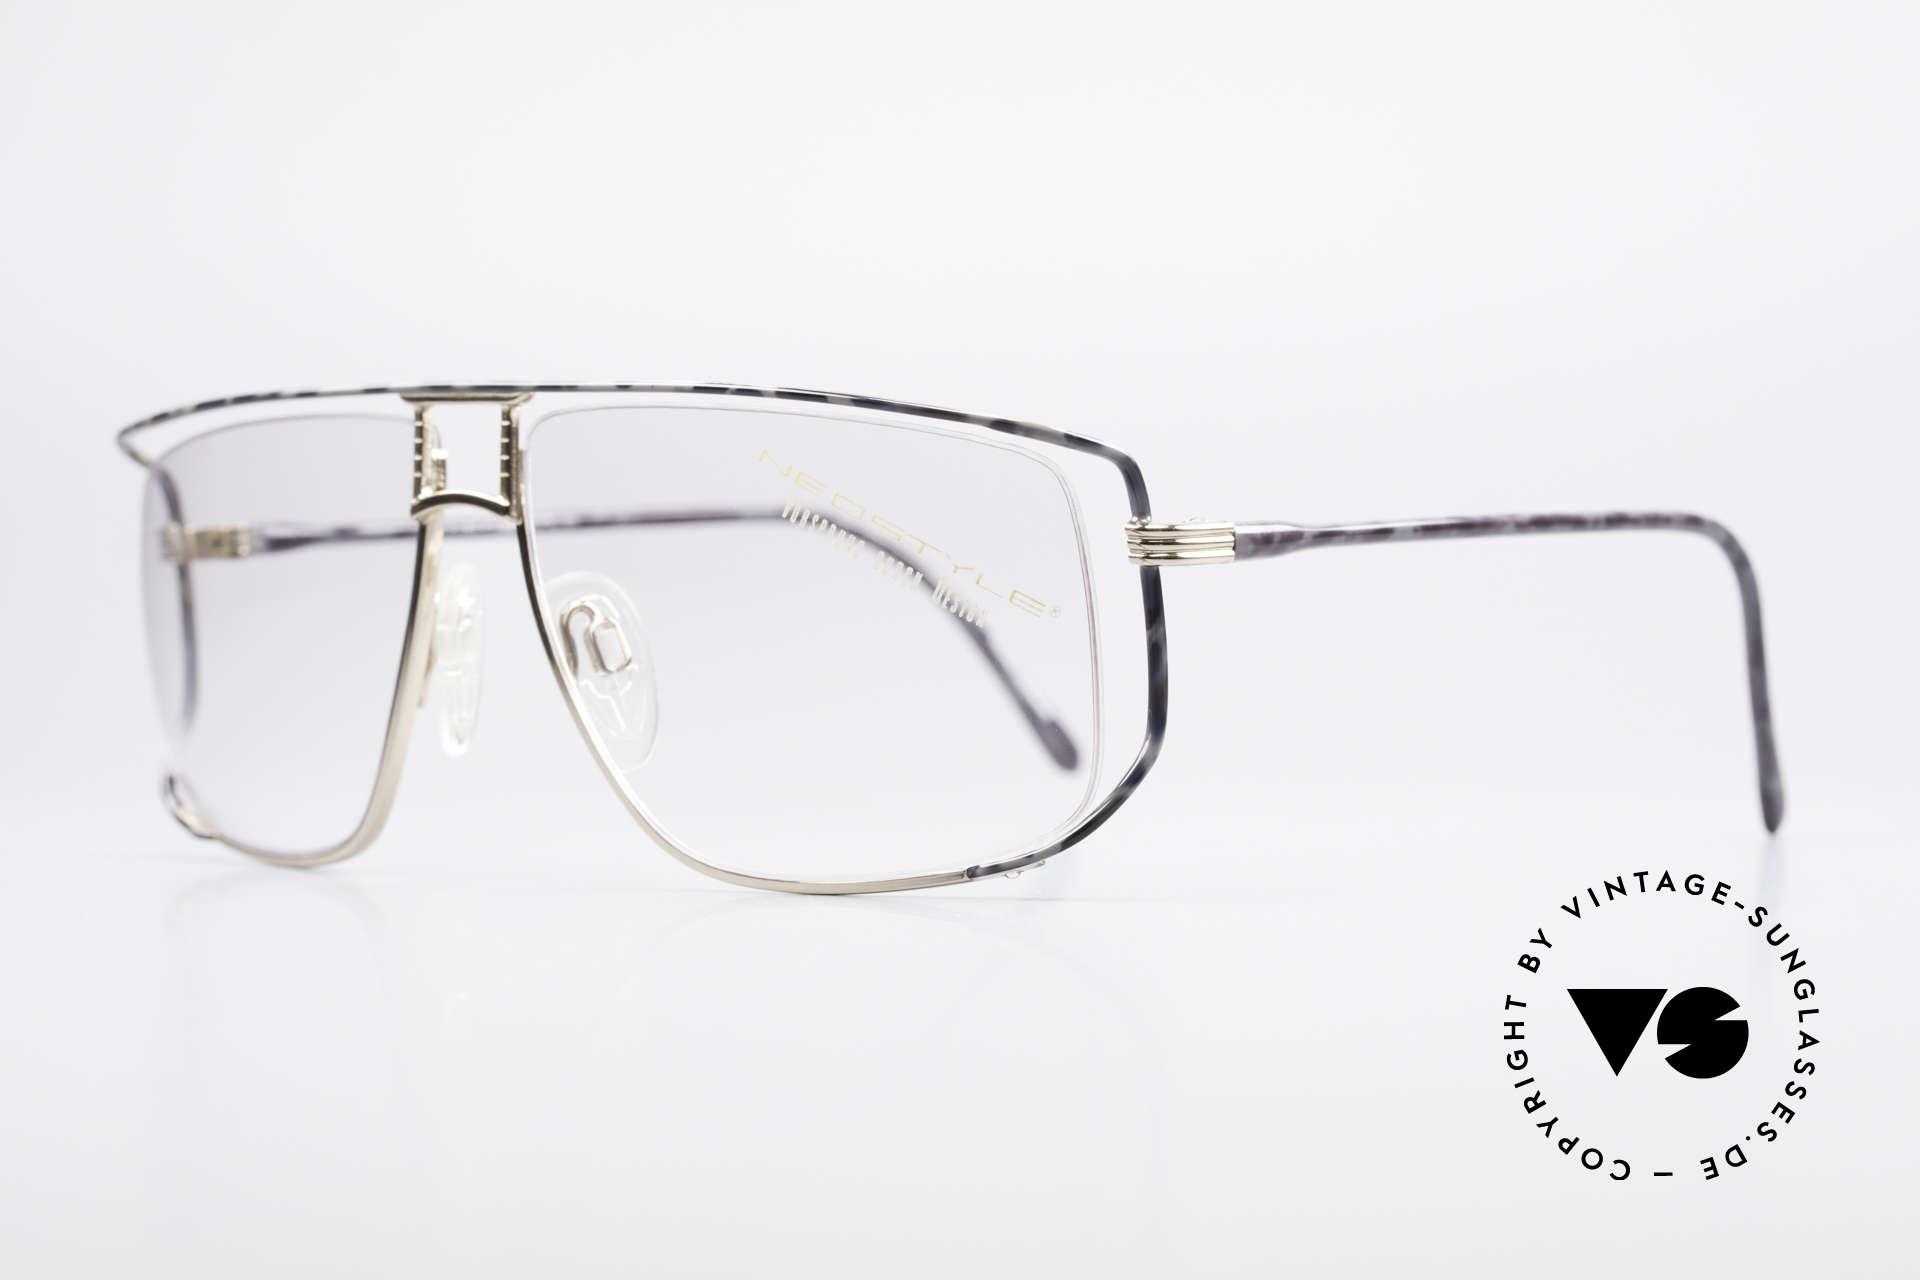 Neostyle Jet 30 Small Echte Vintage No Retro Brille, Glaseinfassung durch Nylor-Faden (enorm komfortabel), Passend für Herren und Damen